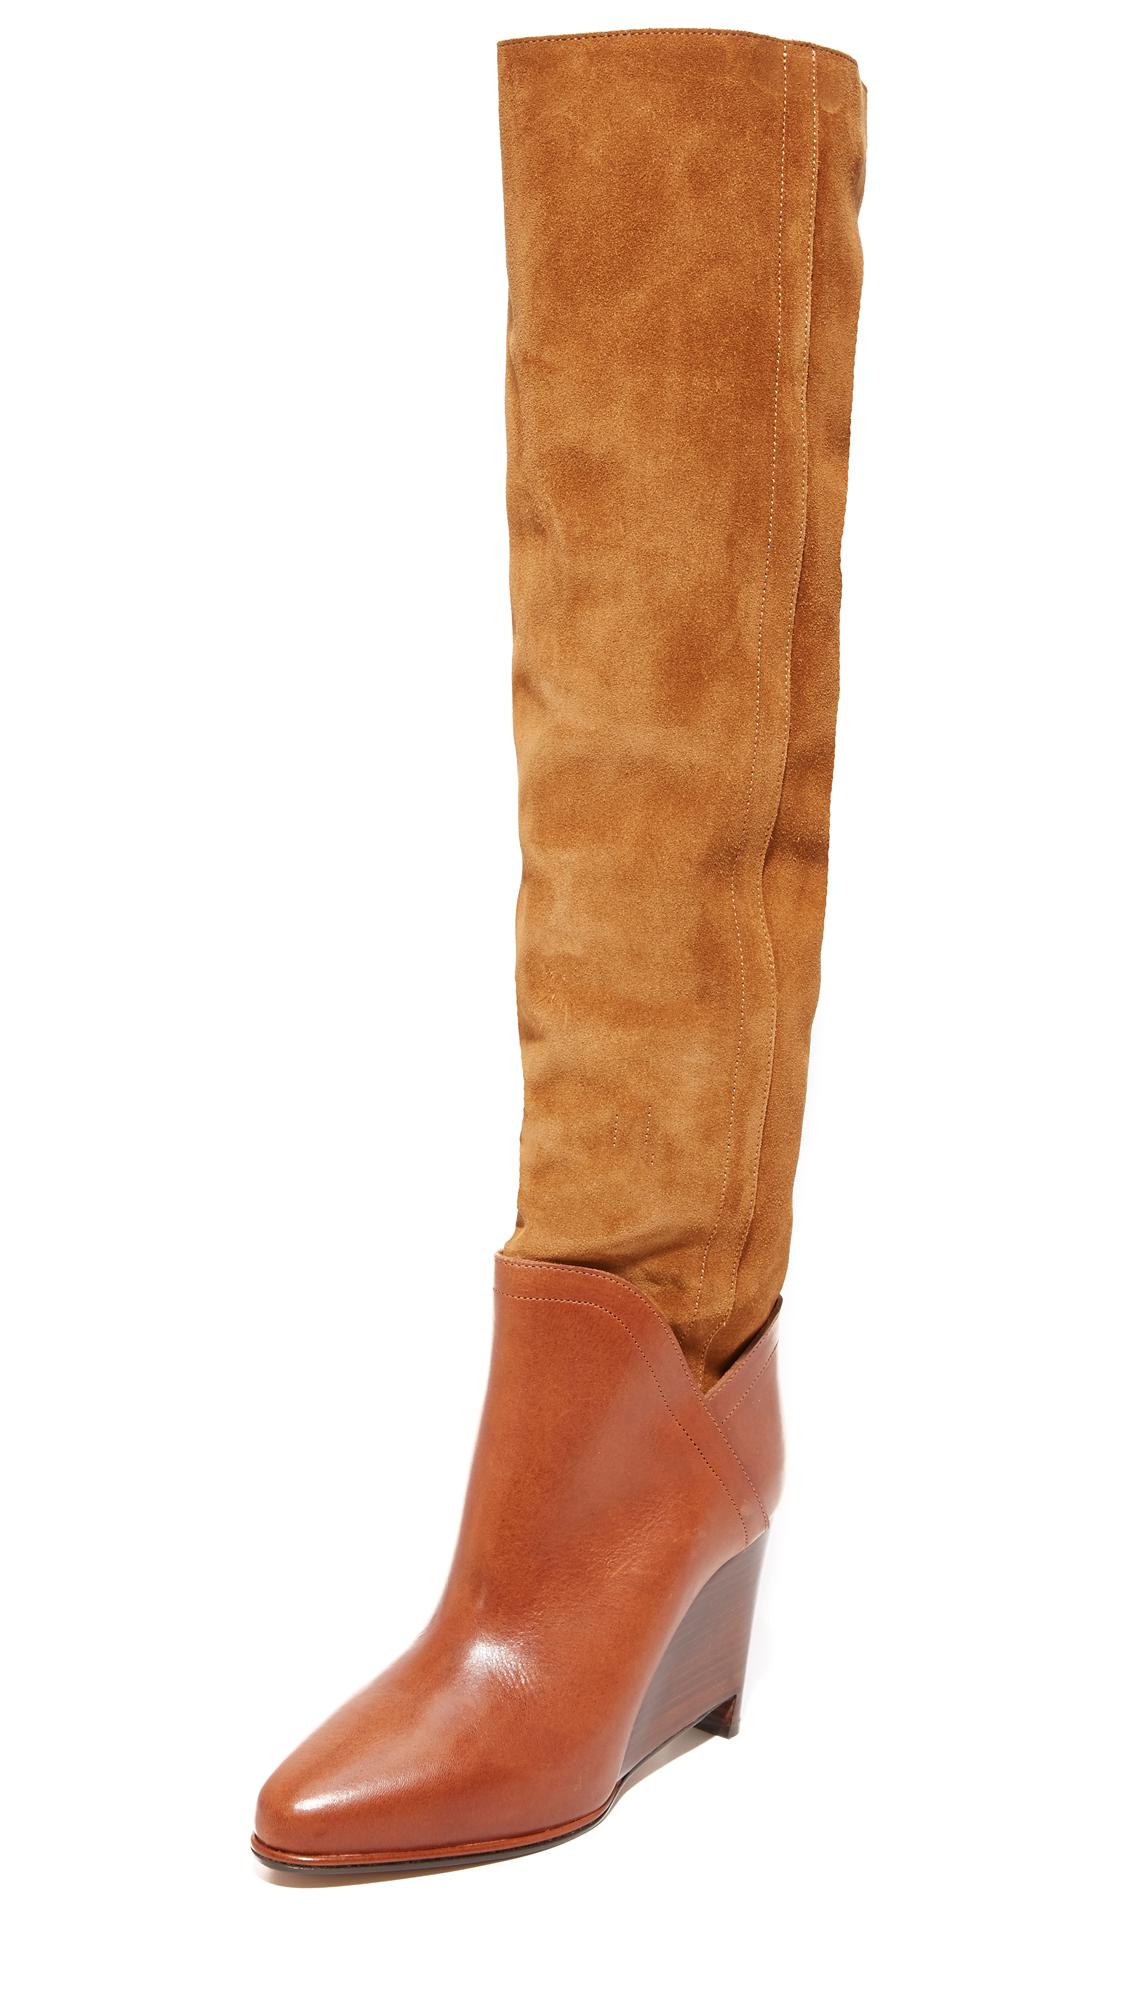 Maison Margiela Leather & Suede Boots - Papaya